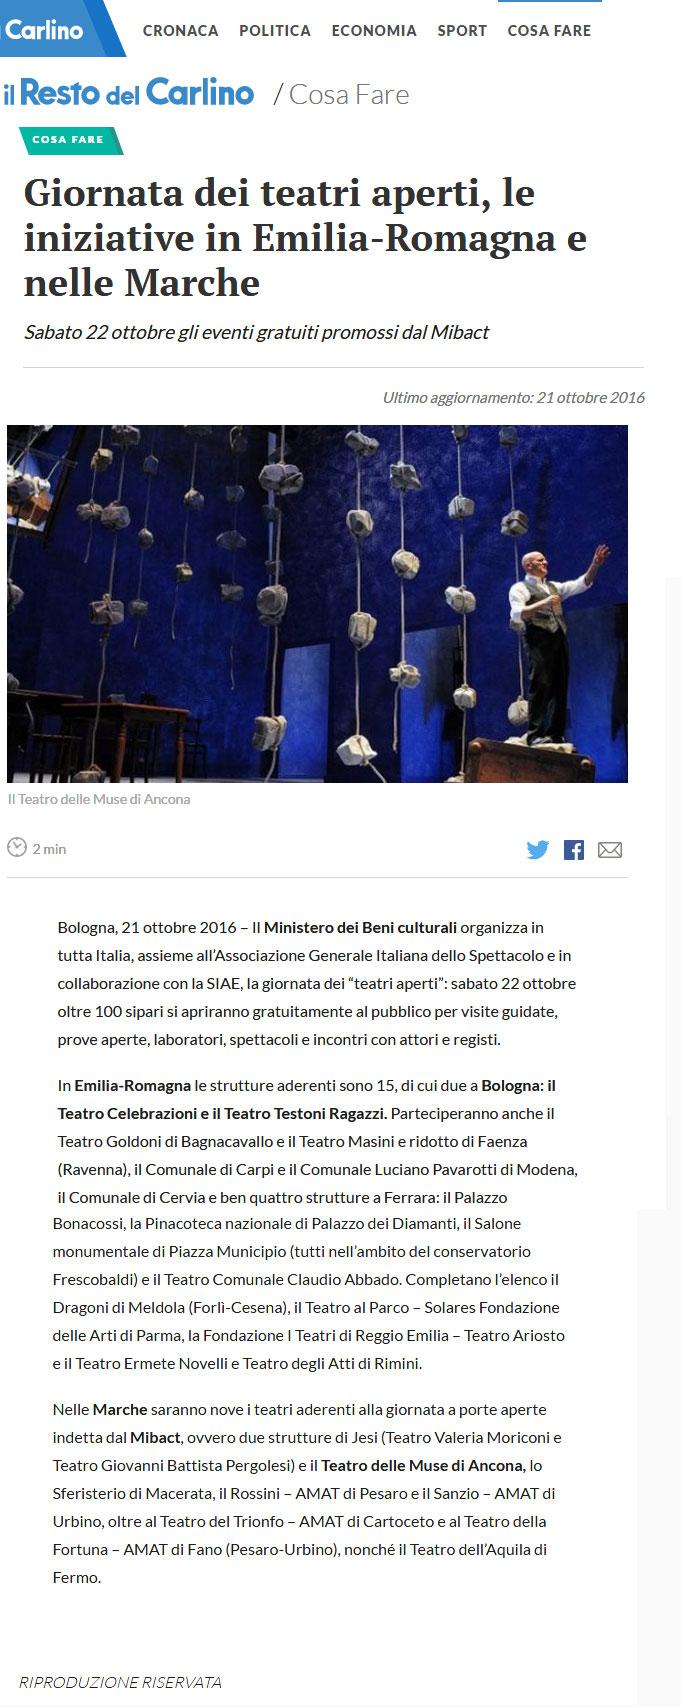 2016_10_21_giornata-dei-teatri-aperti-le-iniziative-in-emilia-romagna-e-marche_il-resto-del-carlino